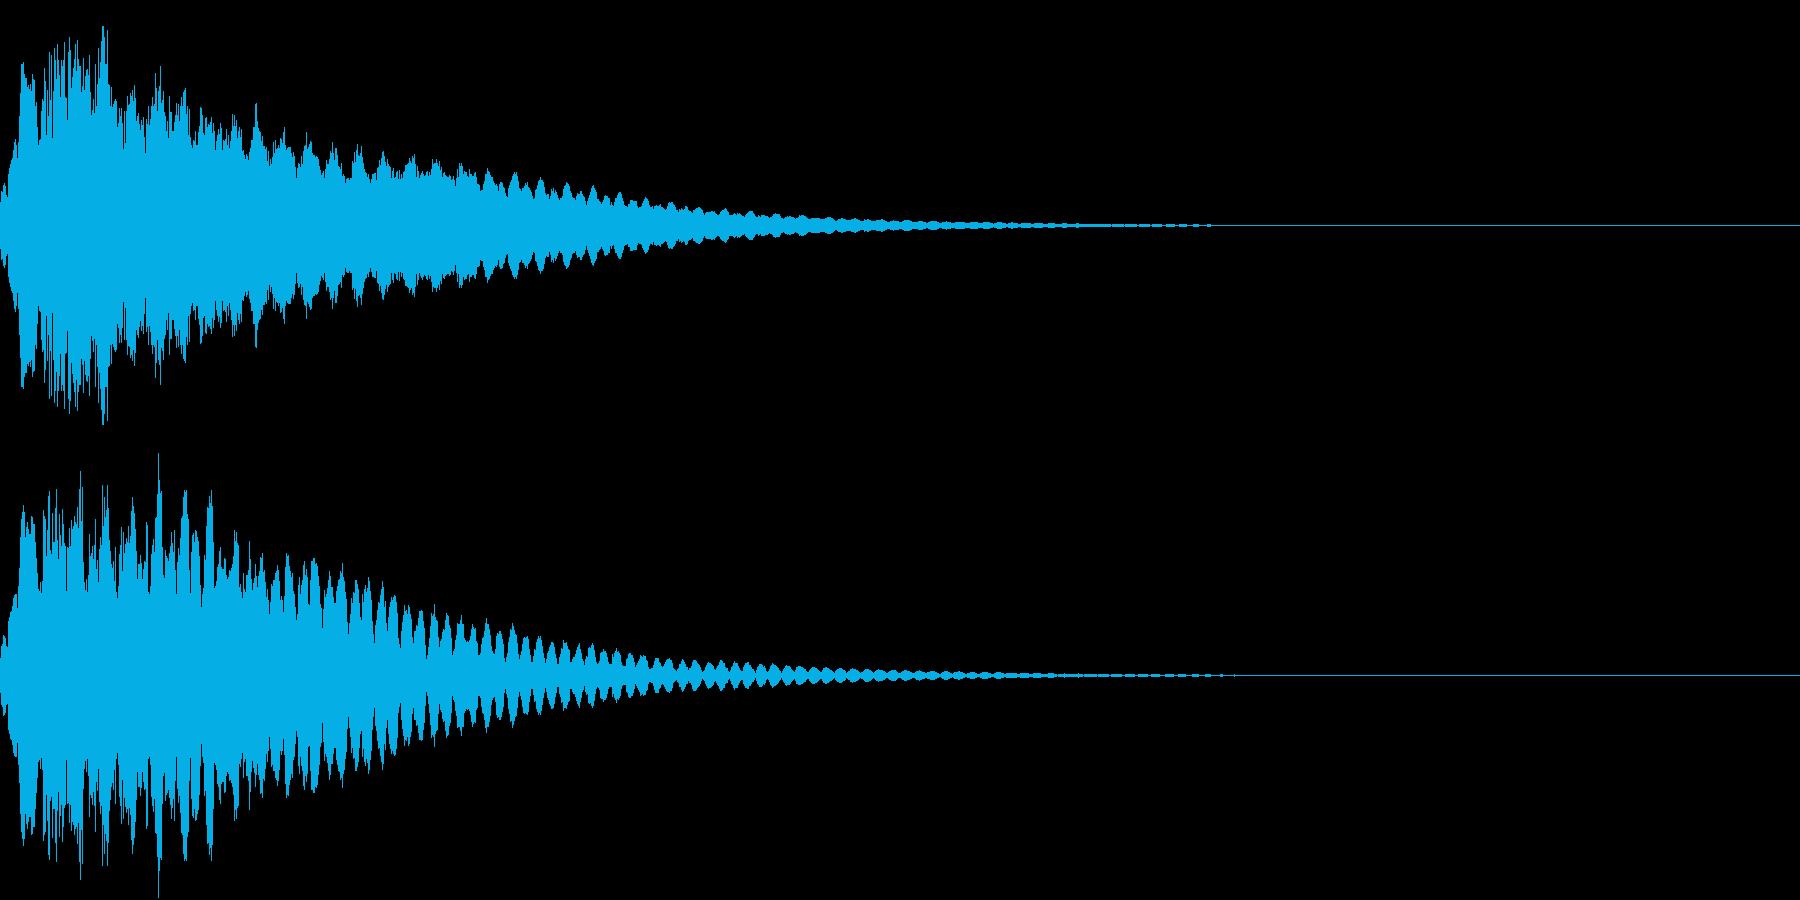 キュイン ボタン ピキーン キーン 12の再生済みの波形